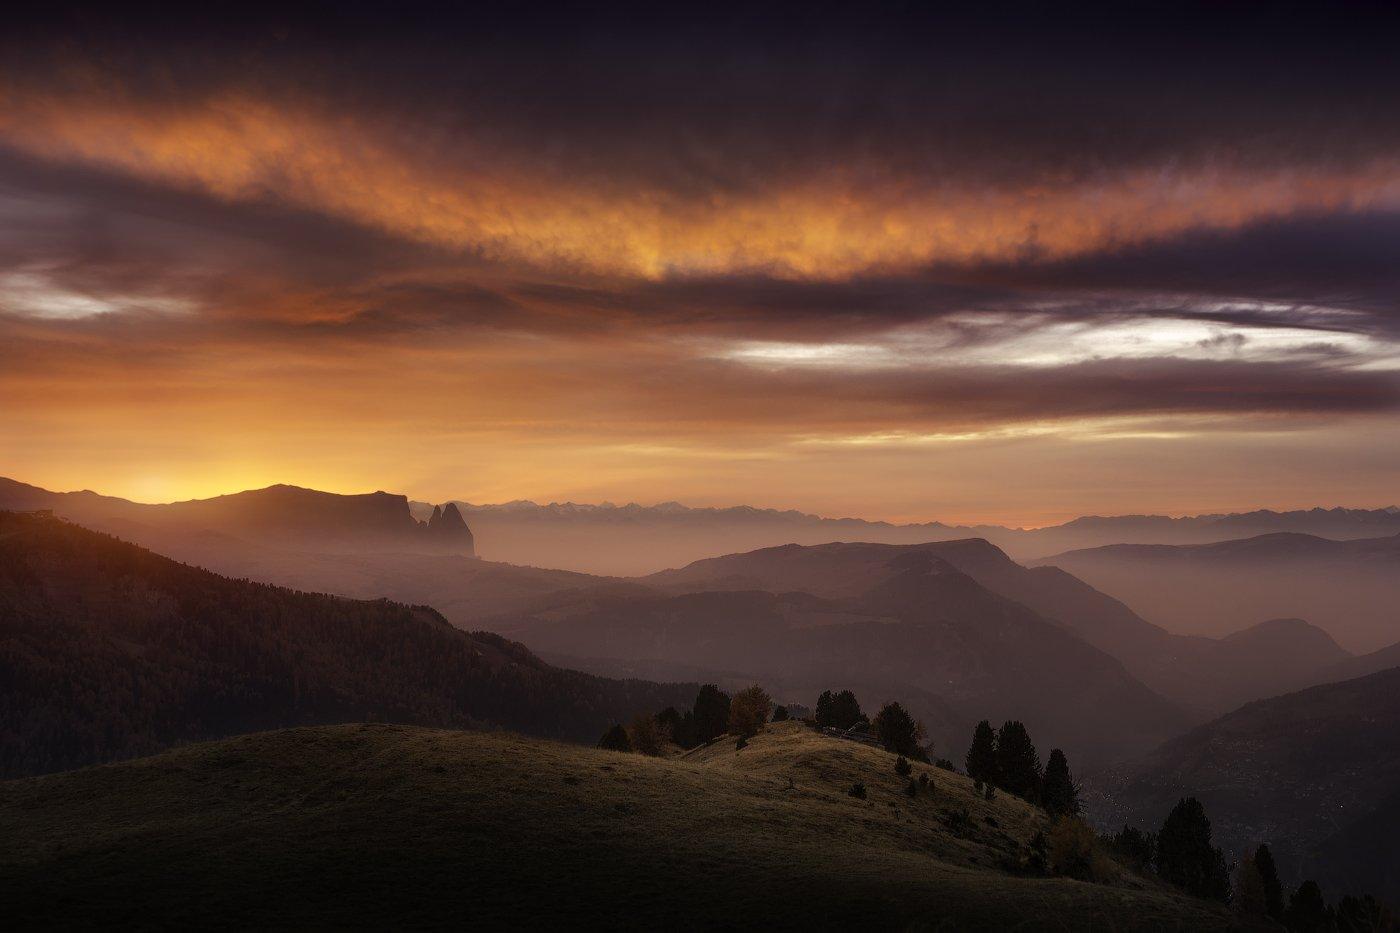 италия, закат, вечер, доломиты, горы, небо, облака, Cтанислав Малых